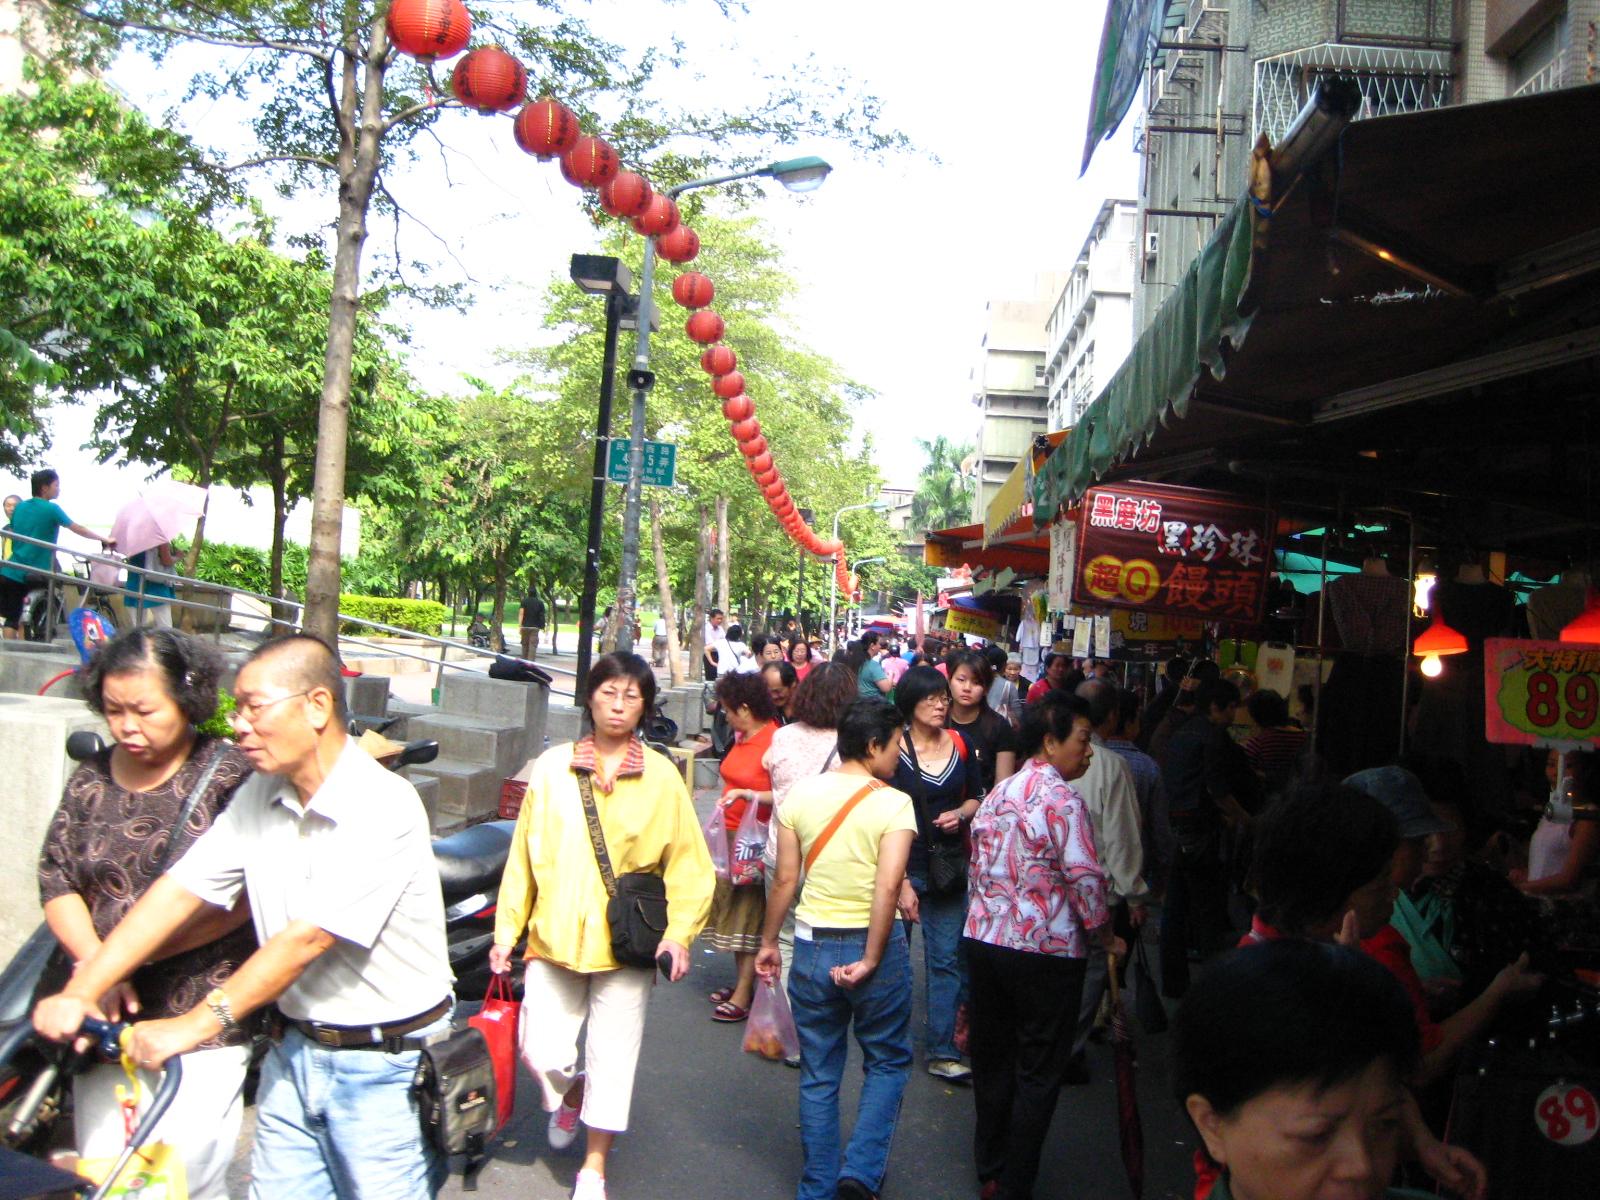 自転車の 自転車 旅行 ブログ : 徒然草:2008台湾自転車旅行 第十 ...